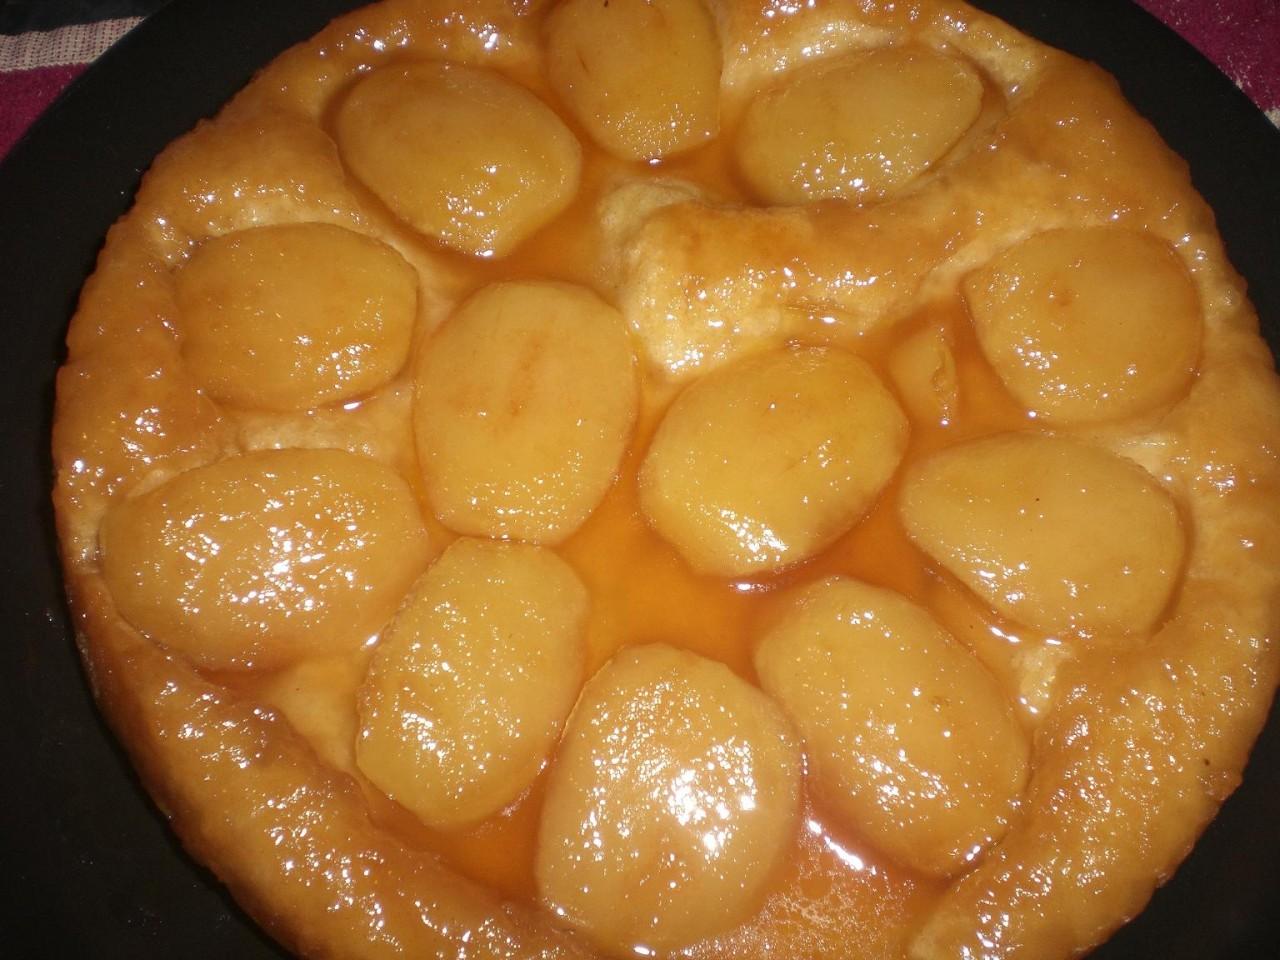 Мой английский АБСАЙДДАВН, или перевернутый, не бисквитный пирог с яблоками в карамели.. Получилось очень вкусно.. Яблоки сочные и не слишком запеченные..